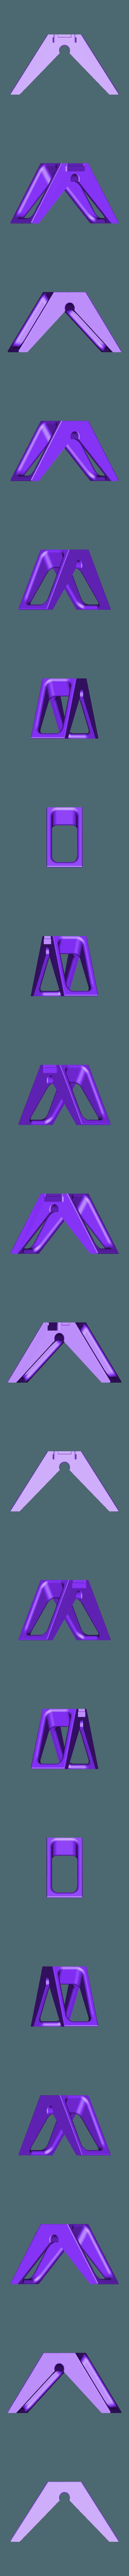 Mini_corner_clamp_outside_right_angle.stl Download free STL file mini trigger clamp for corners • Design to 3D print, Norm202